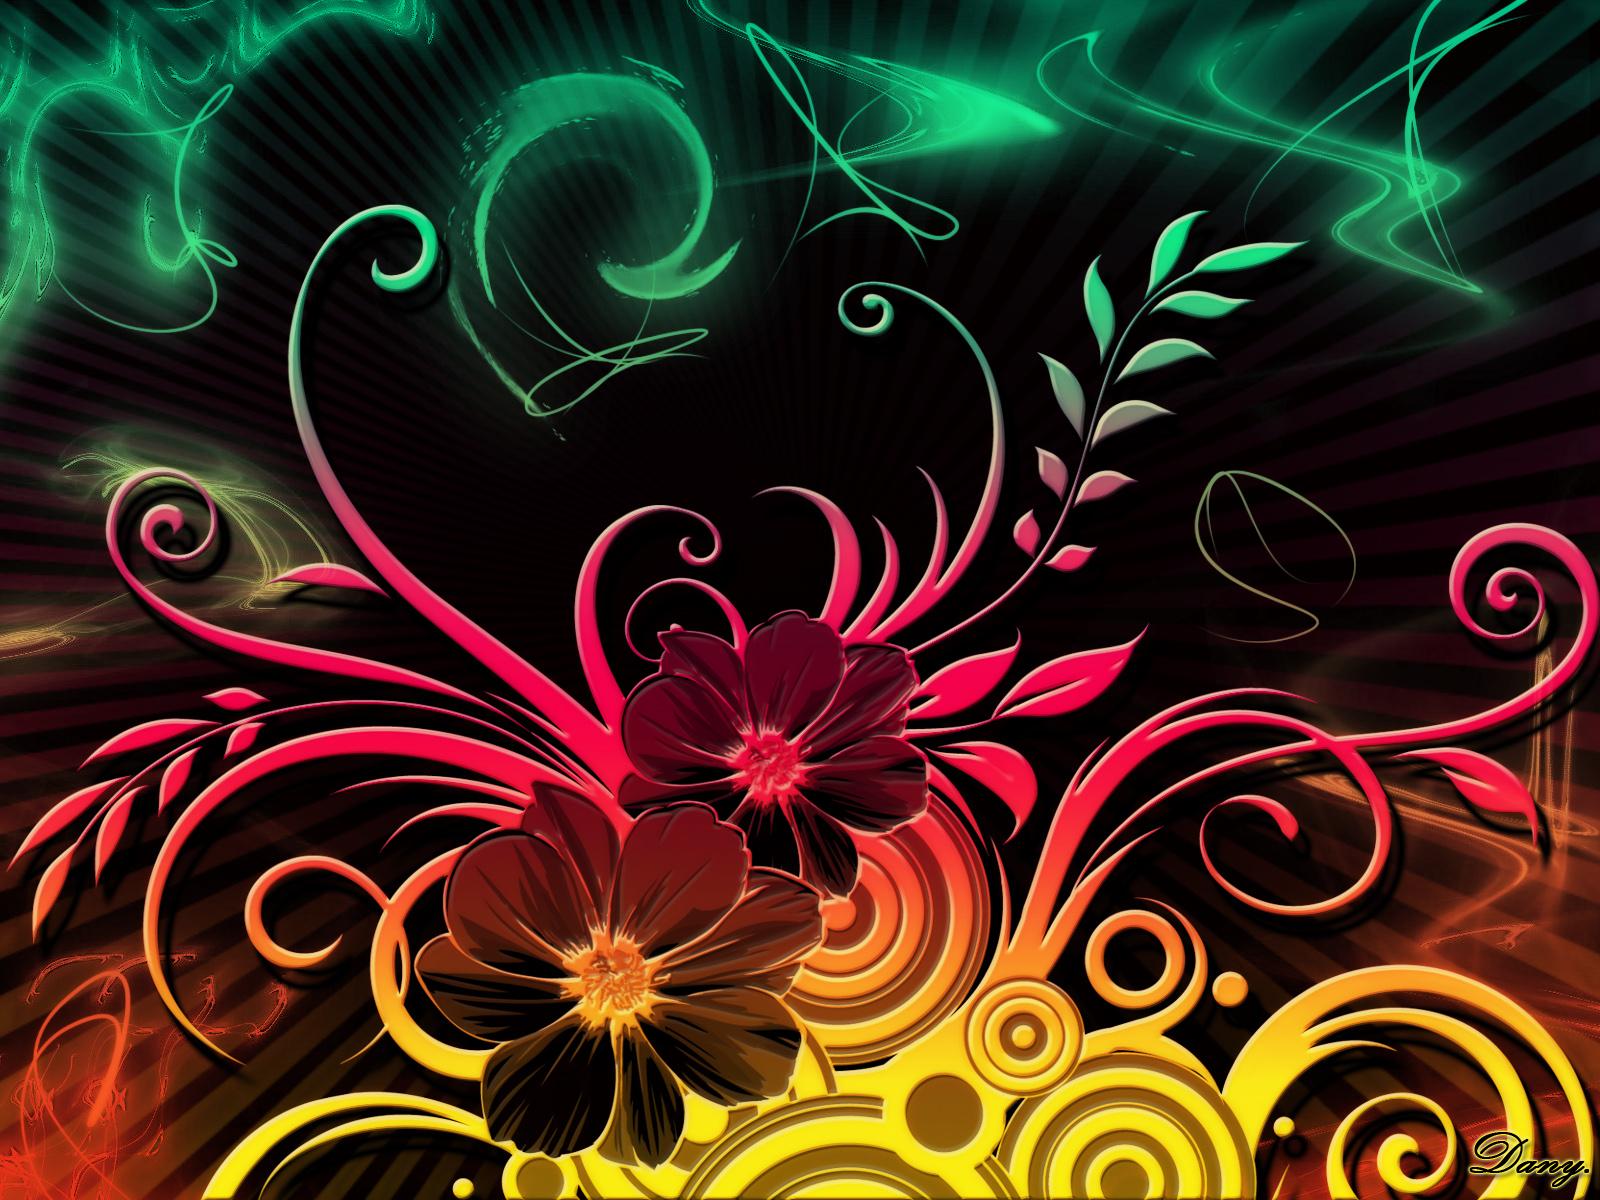 colorful design for desktop hd wallpaper for your desktop background 1600x1200